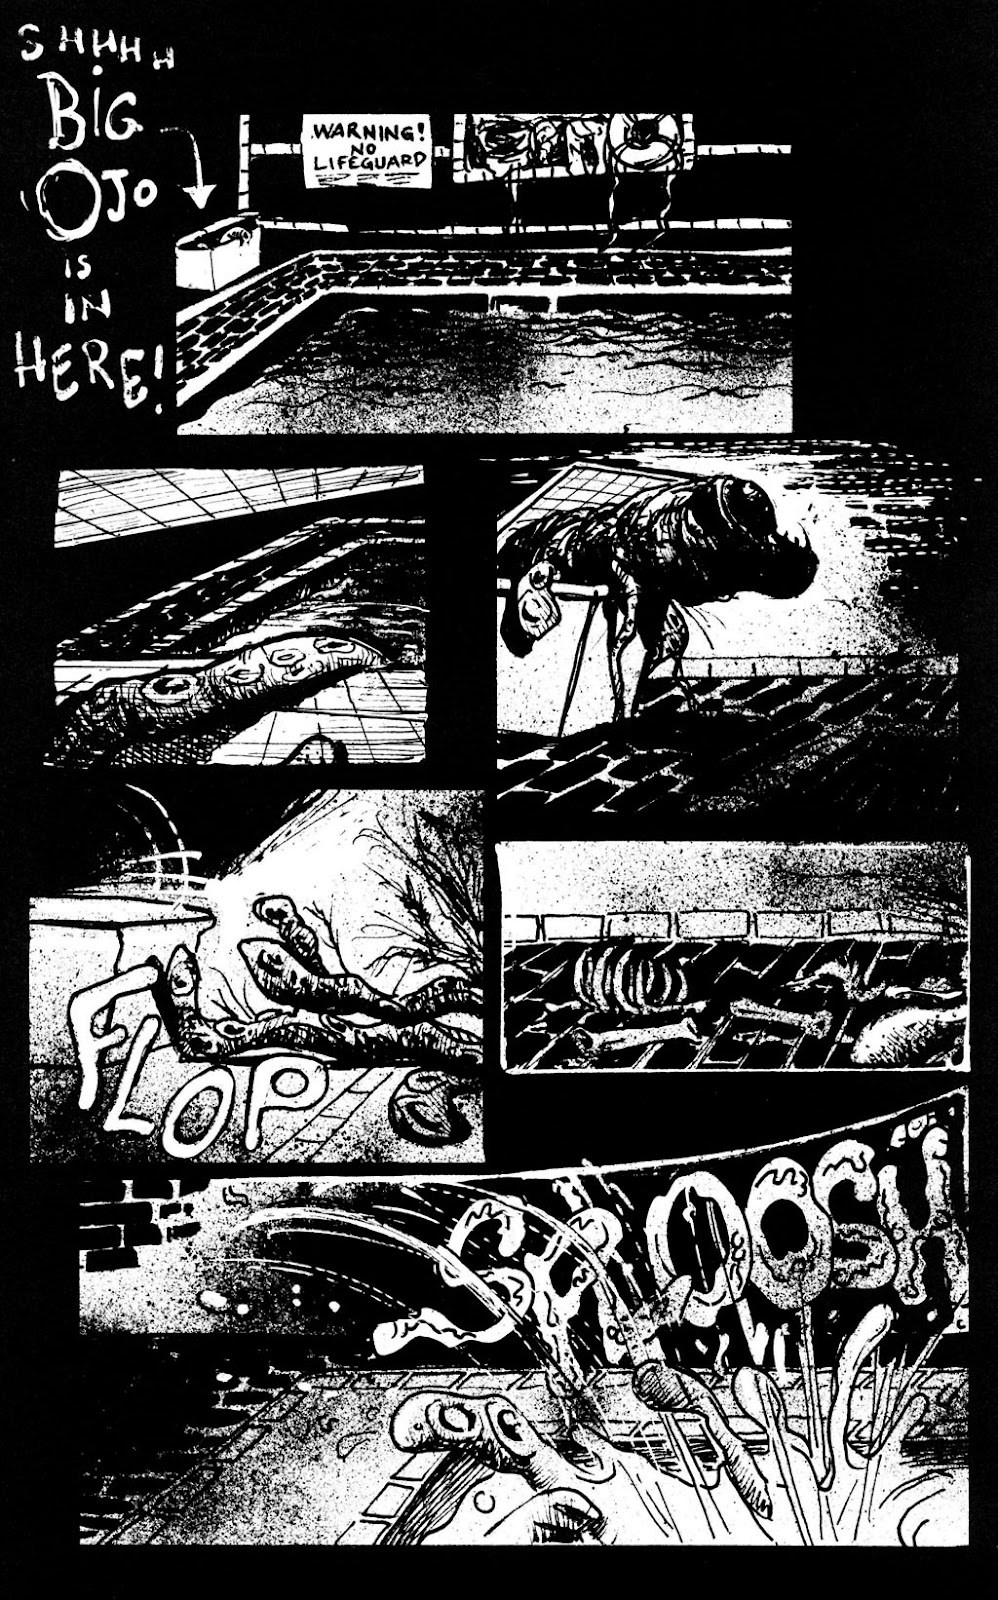 Read online Ojo comic -  Issue #4 - 7